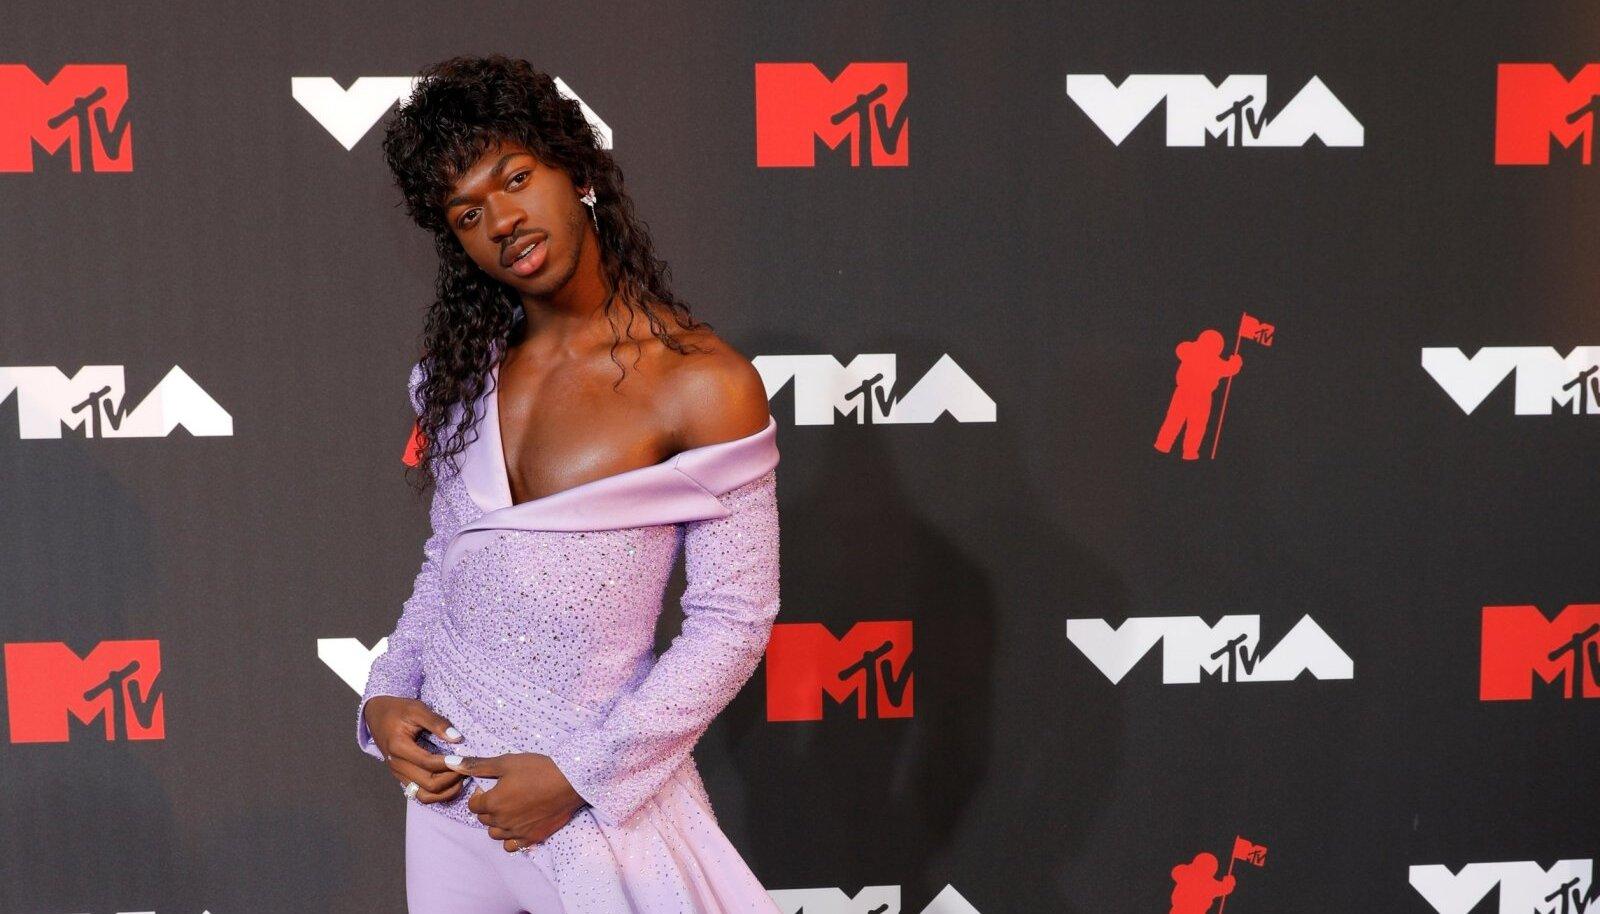 Muusik Lil Nas X-ile meeldib punasel vaibal oma fänne šokeerida. Foto tänavuselt MTV videomuusikauhindade galalt, kus ta kandis violetset Atelier Versace pükskostüümi.